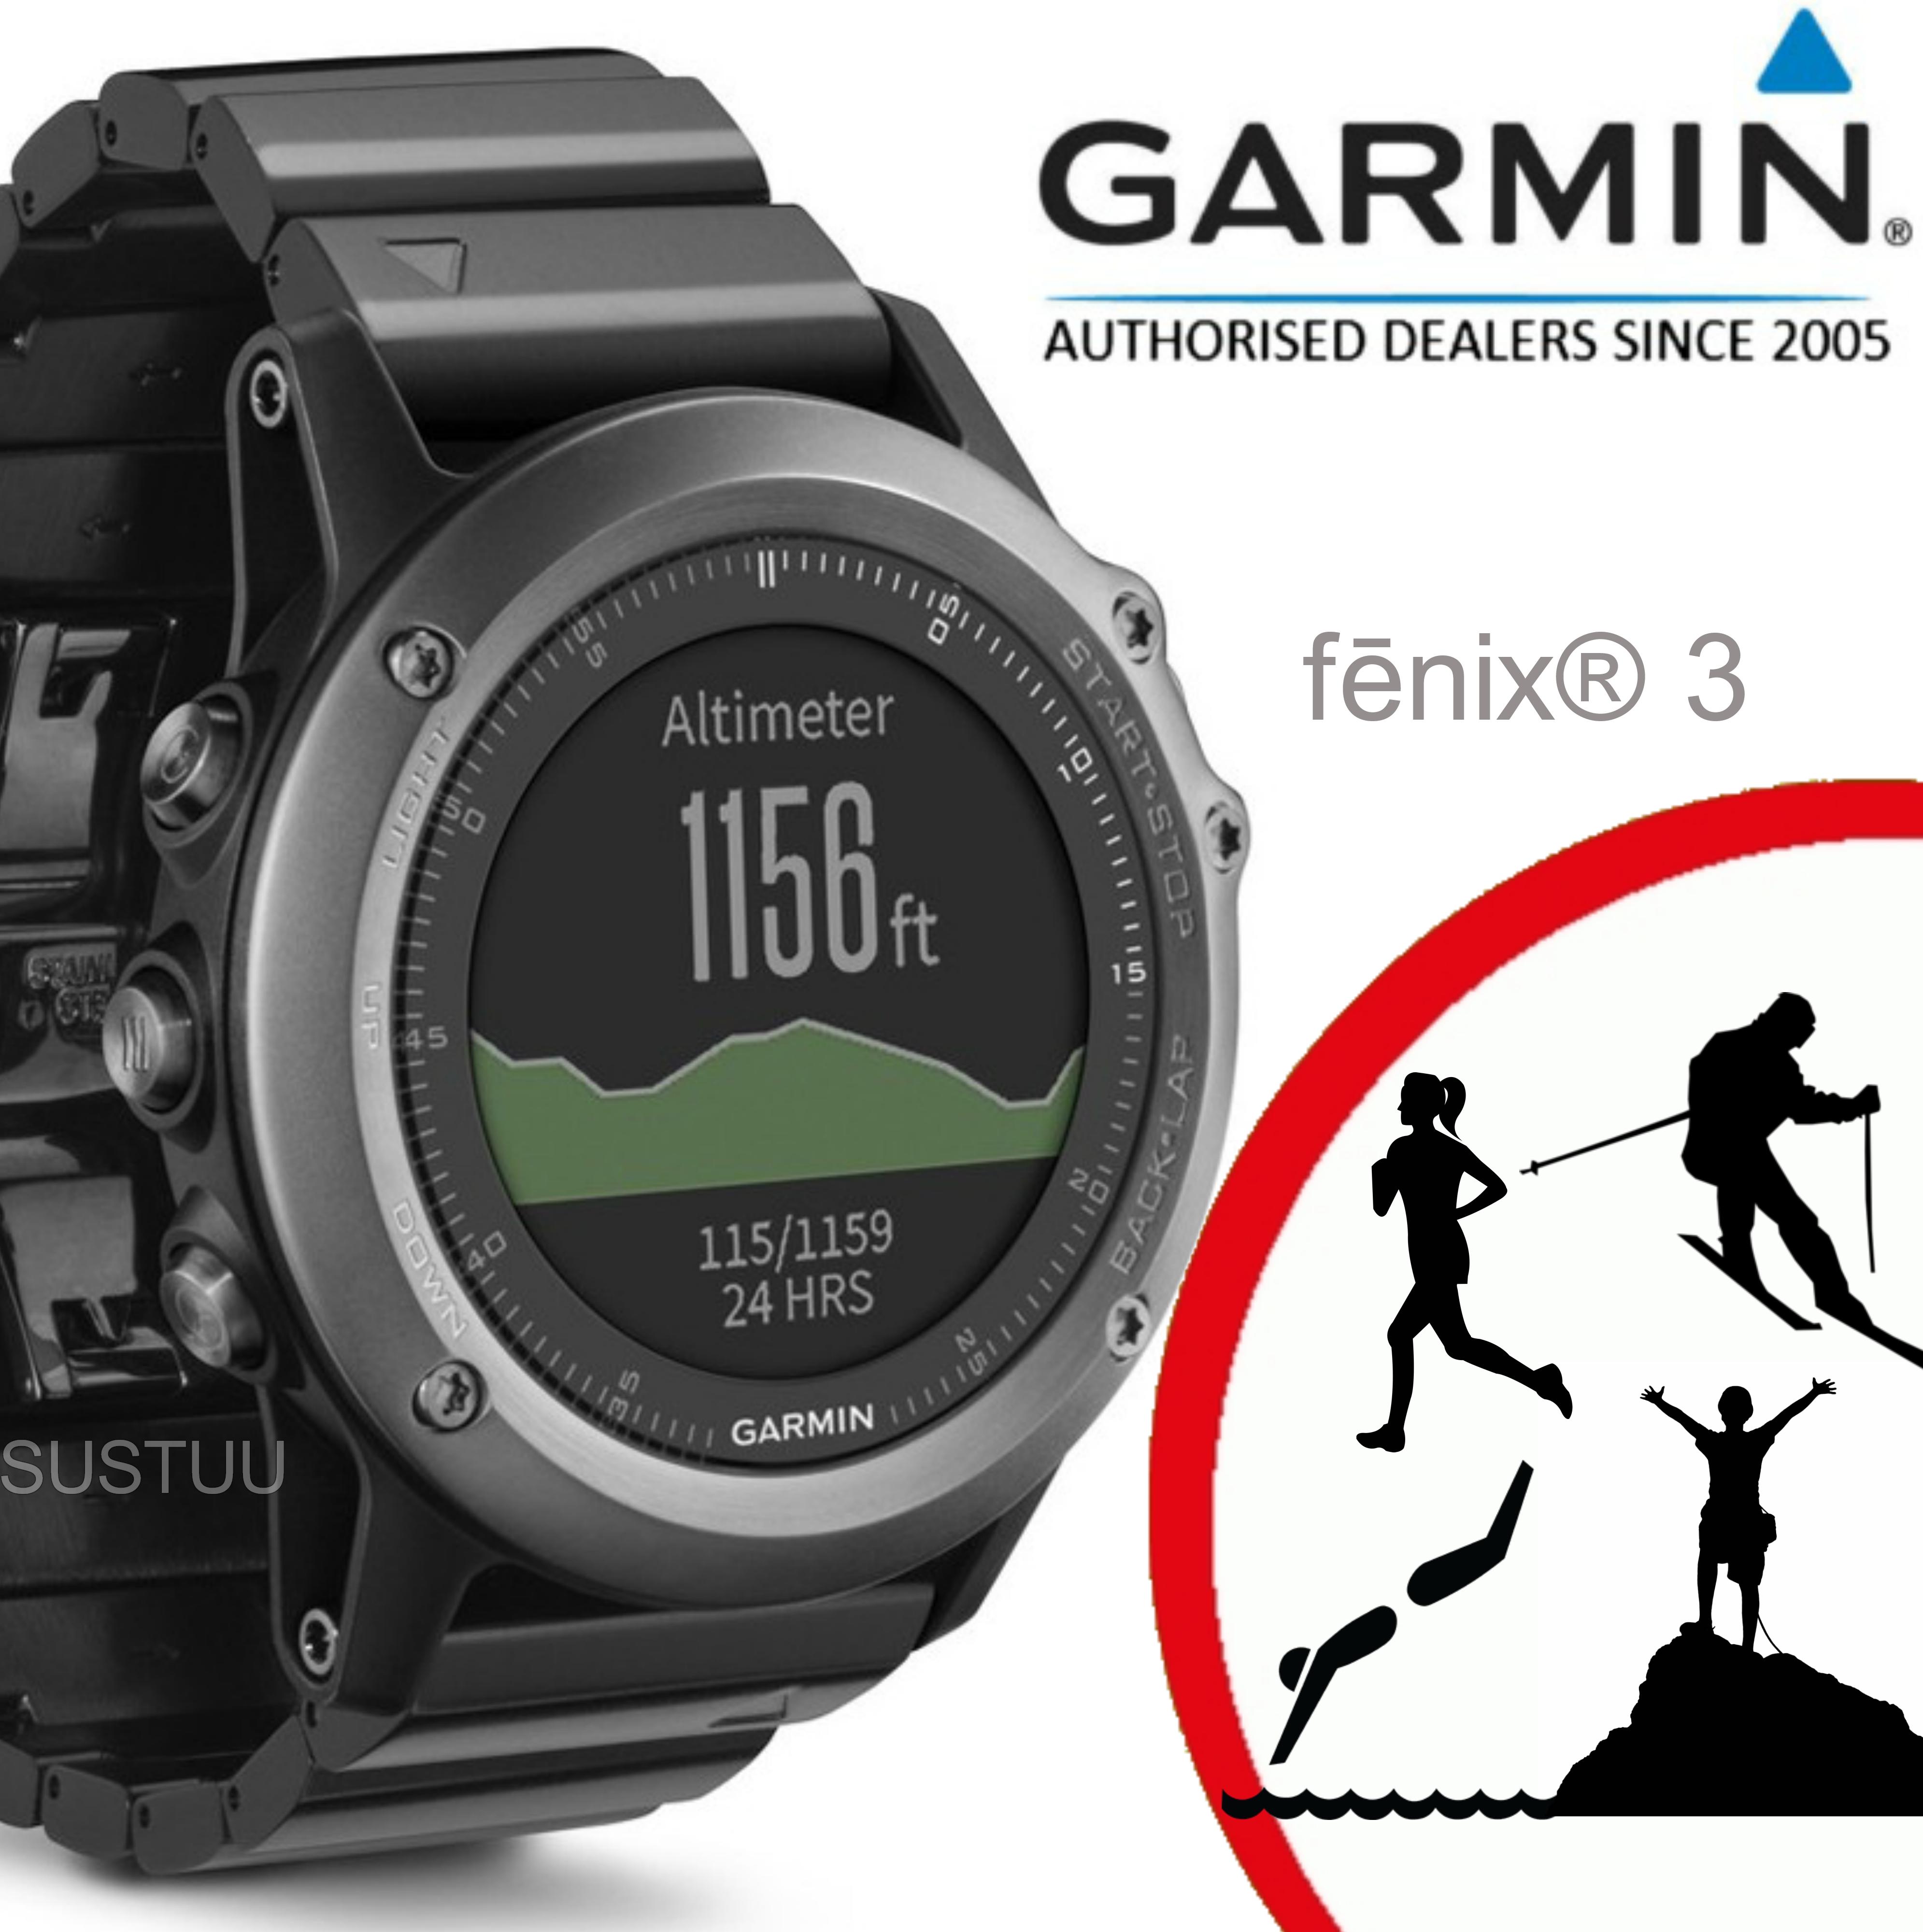 Garmin Fenix 3 Grey|Multisports GPS+GLONASS Smartwatch|Alti-Barometer-Compass